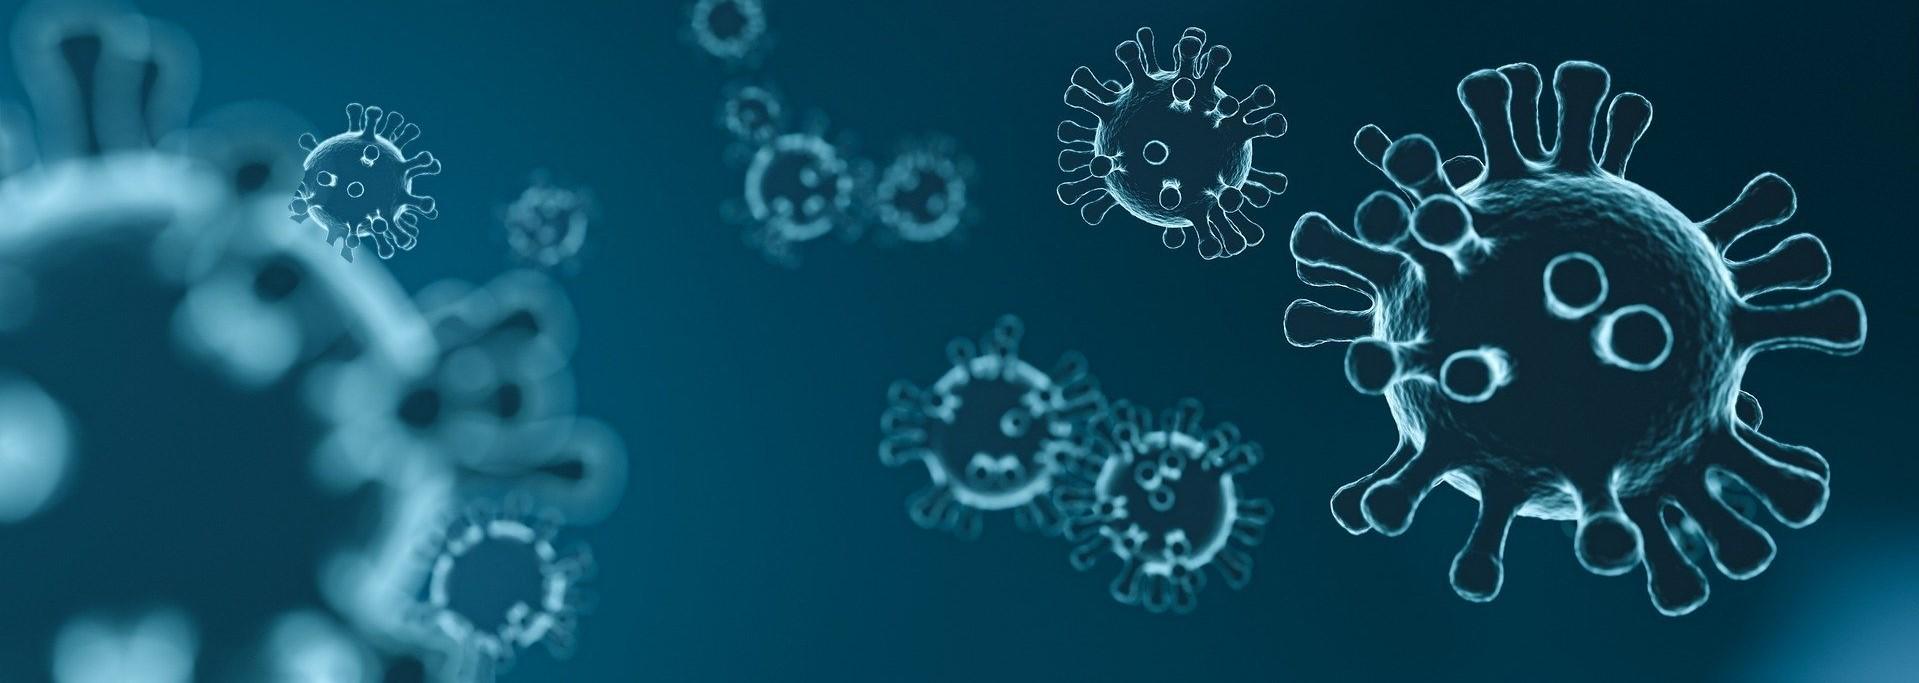 Web Información actualizada coronavirus